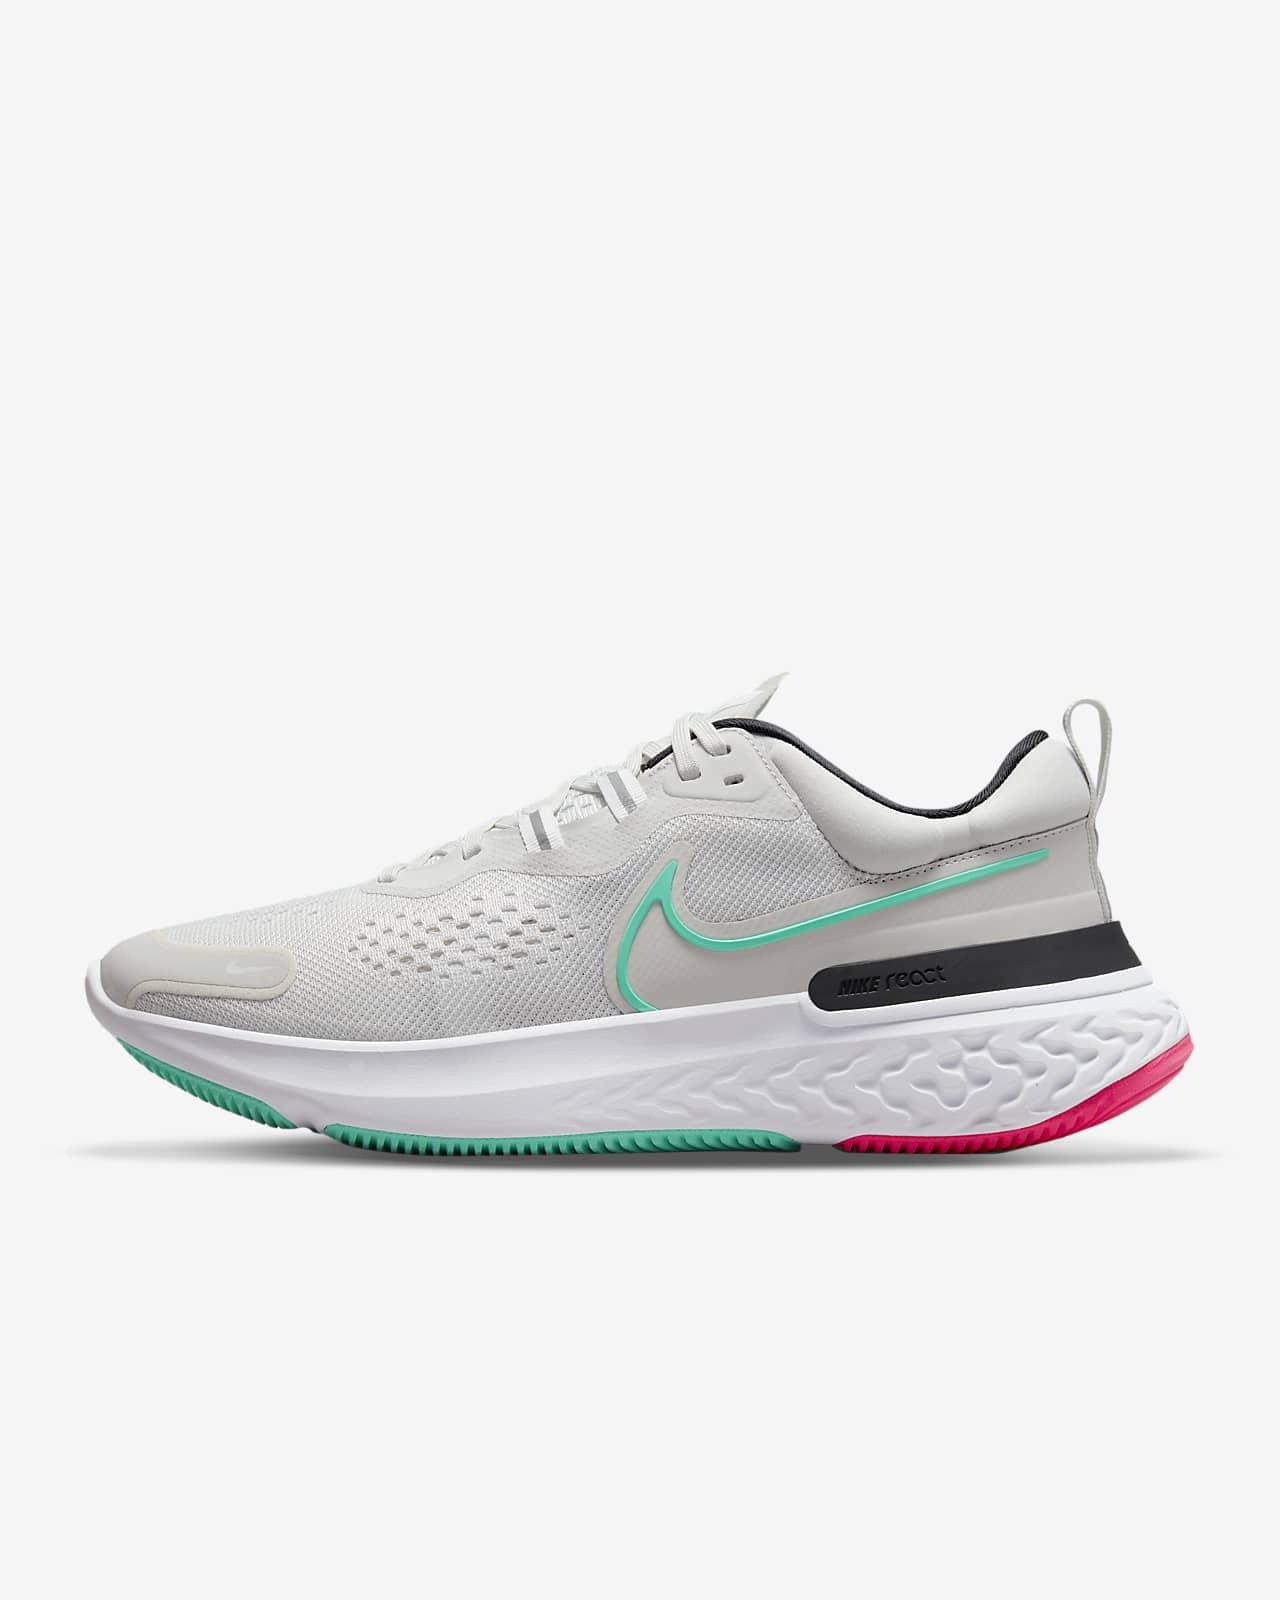 Nike React Miler 2 Men's Road Running Shoes